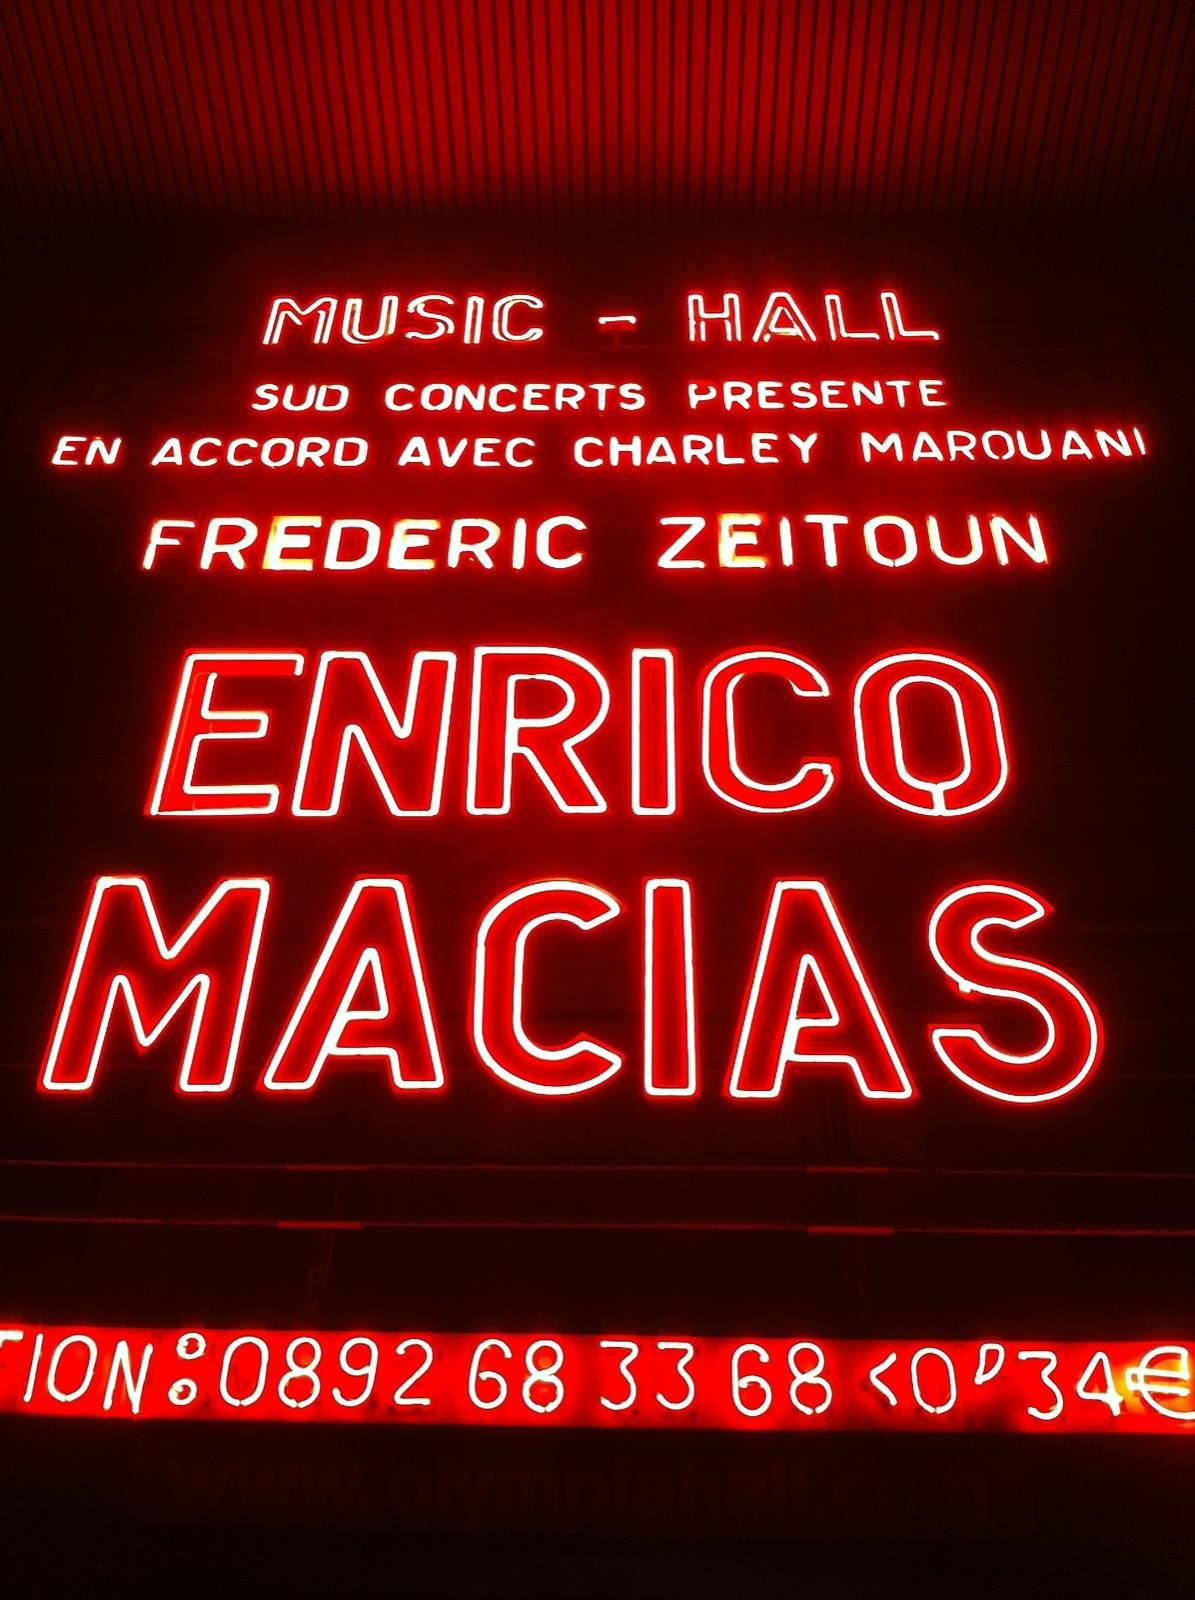 Concert Enrico Macias Fred Zeitoun